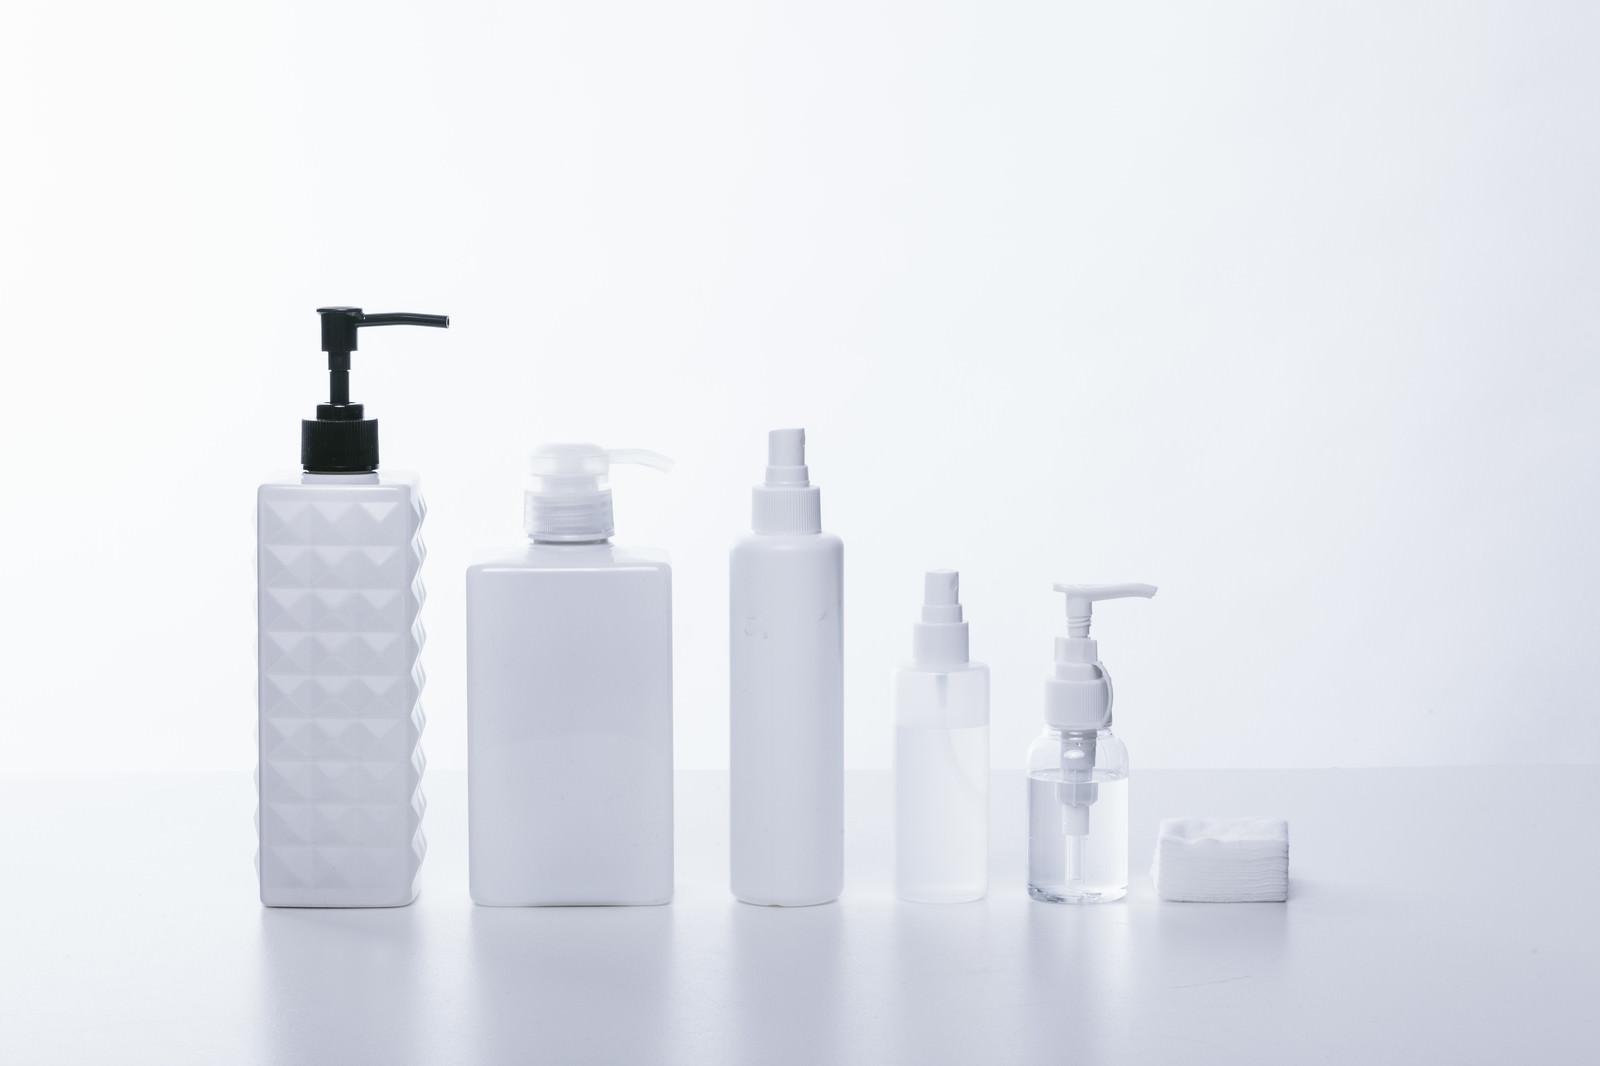 「化粧水 フリー素材」の画像検索結果